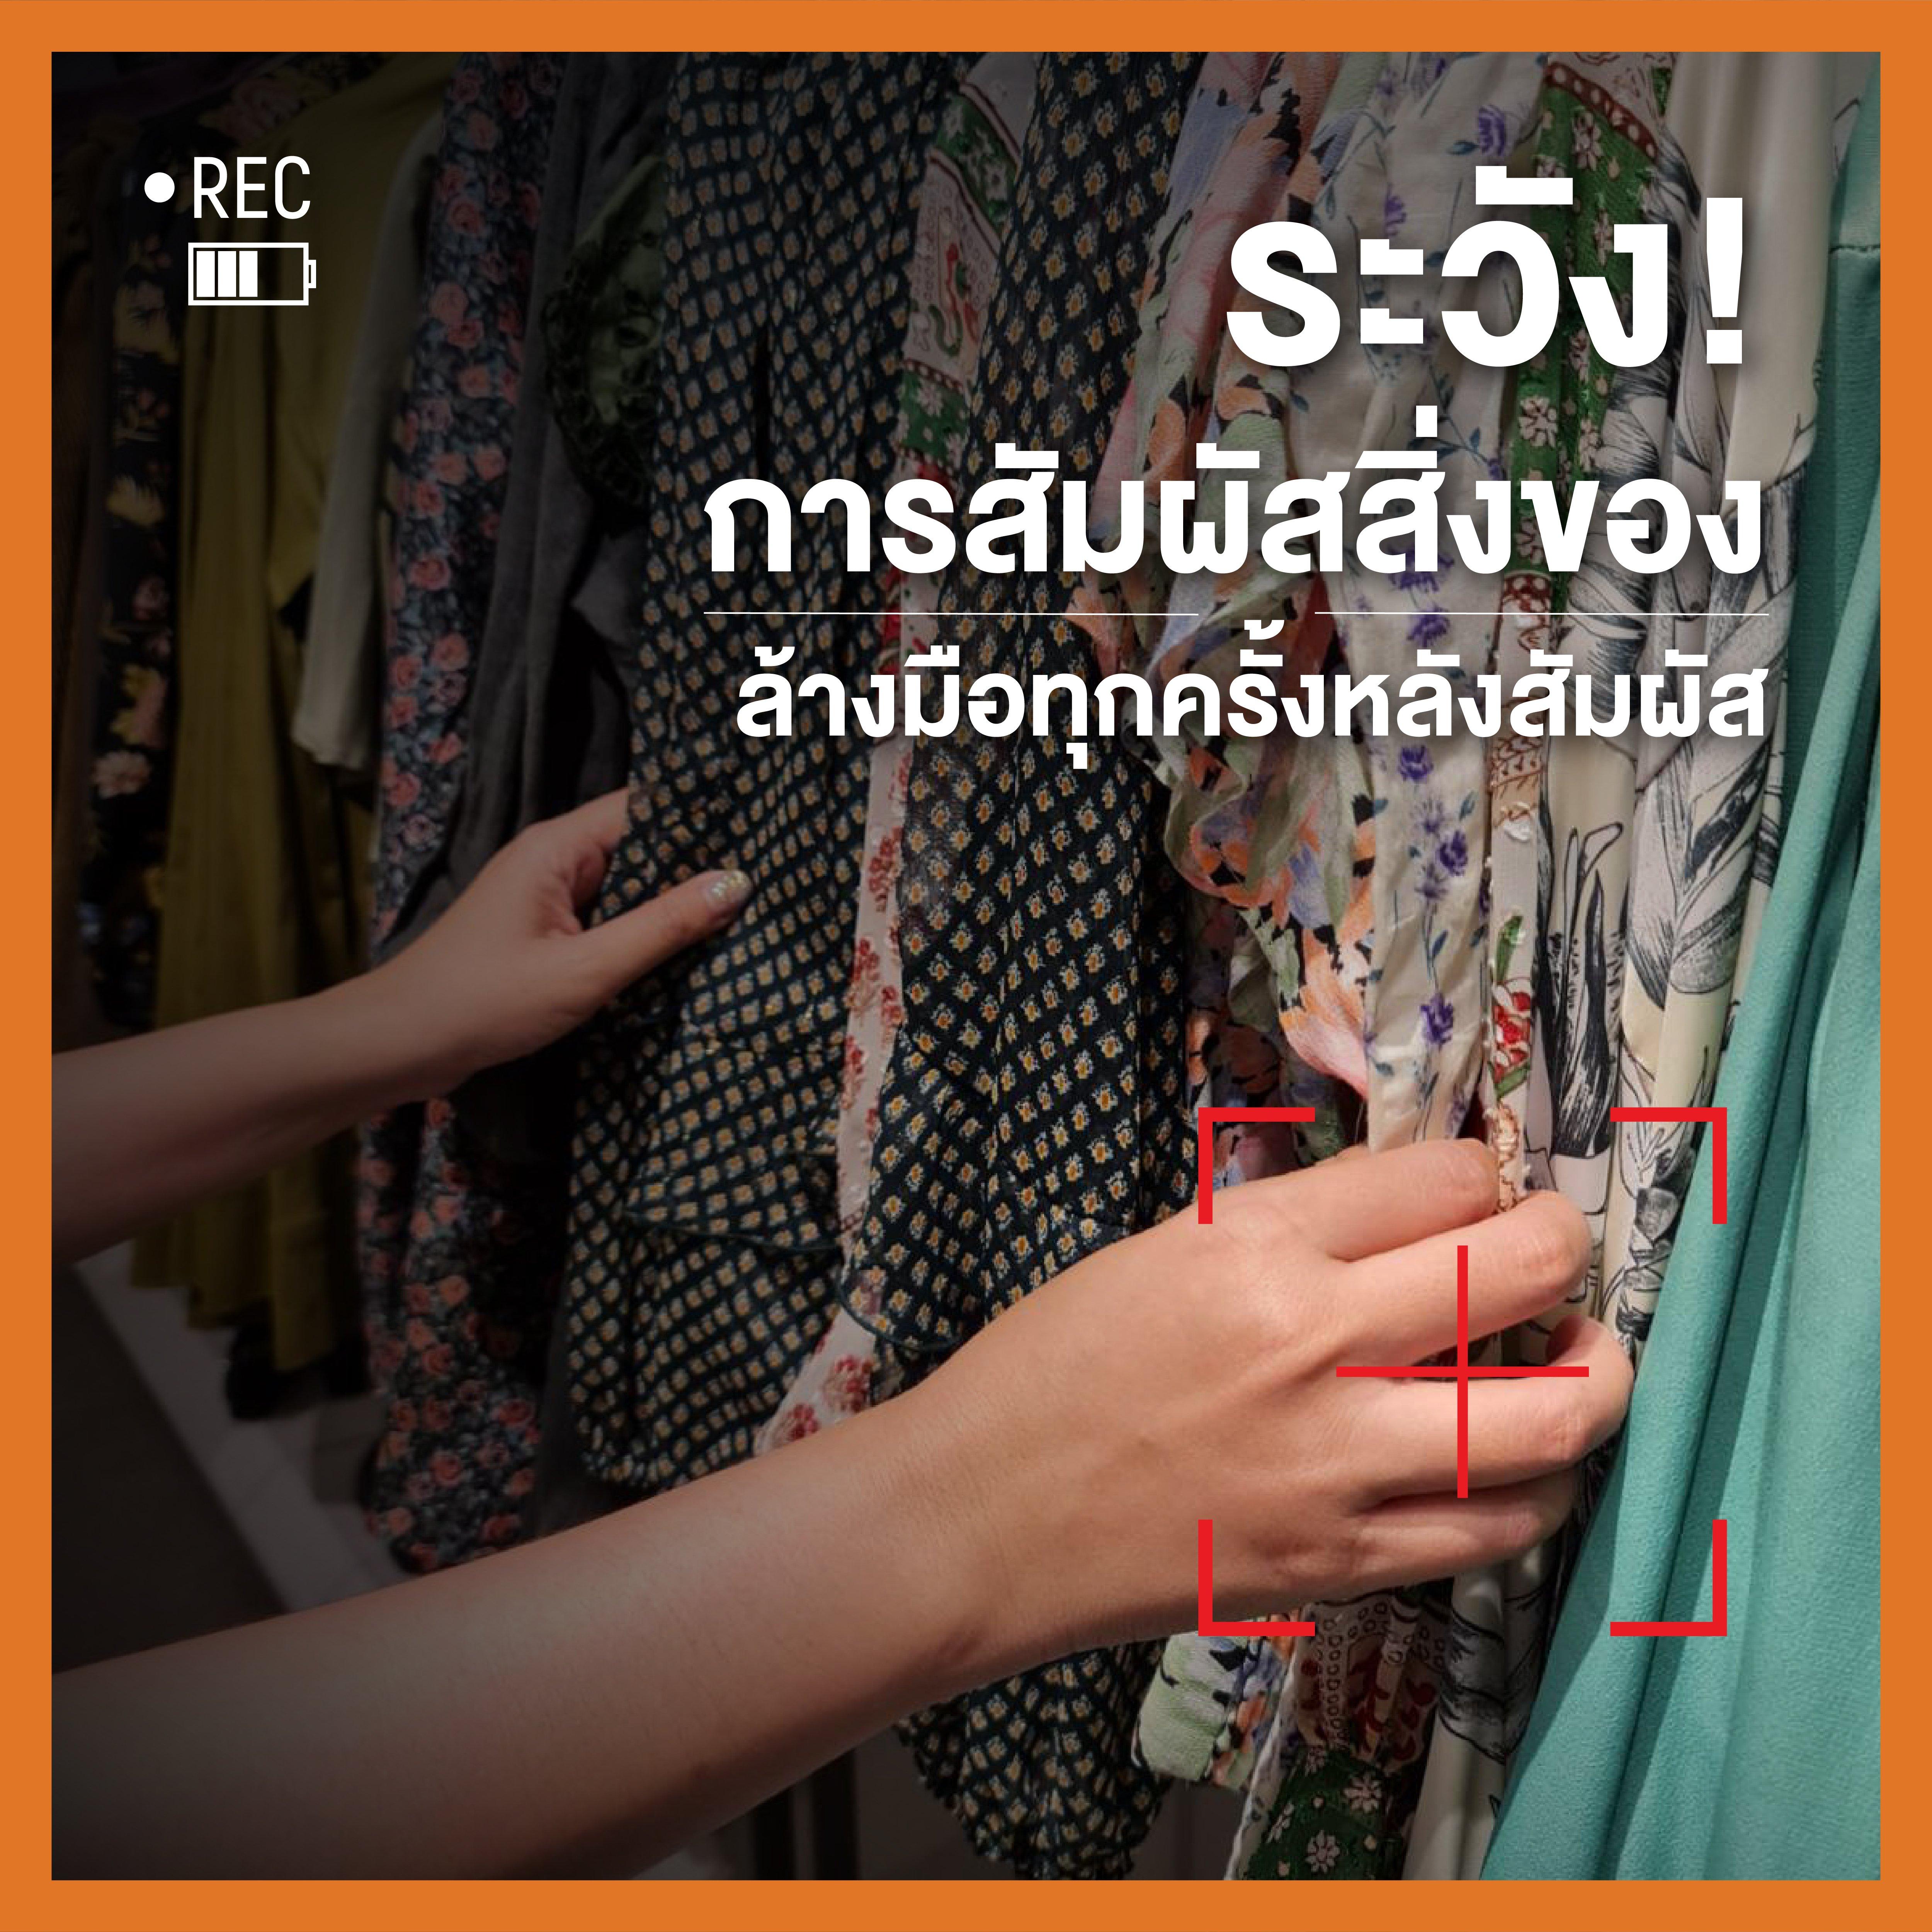 รวม 6 จุดเสี่ยงที่ต้องระมัดระวังอยู่เสมอเมื่อไปเดินห้าง ! thaihealth